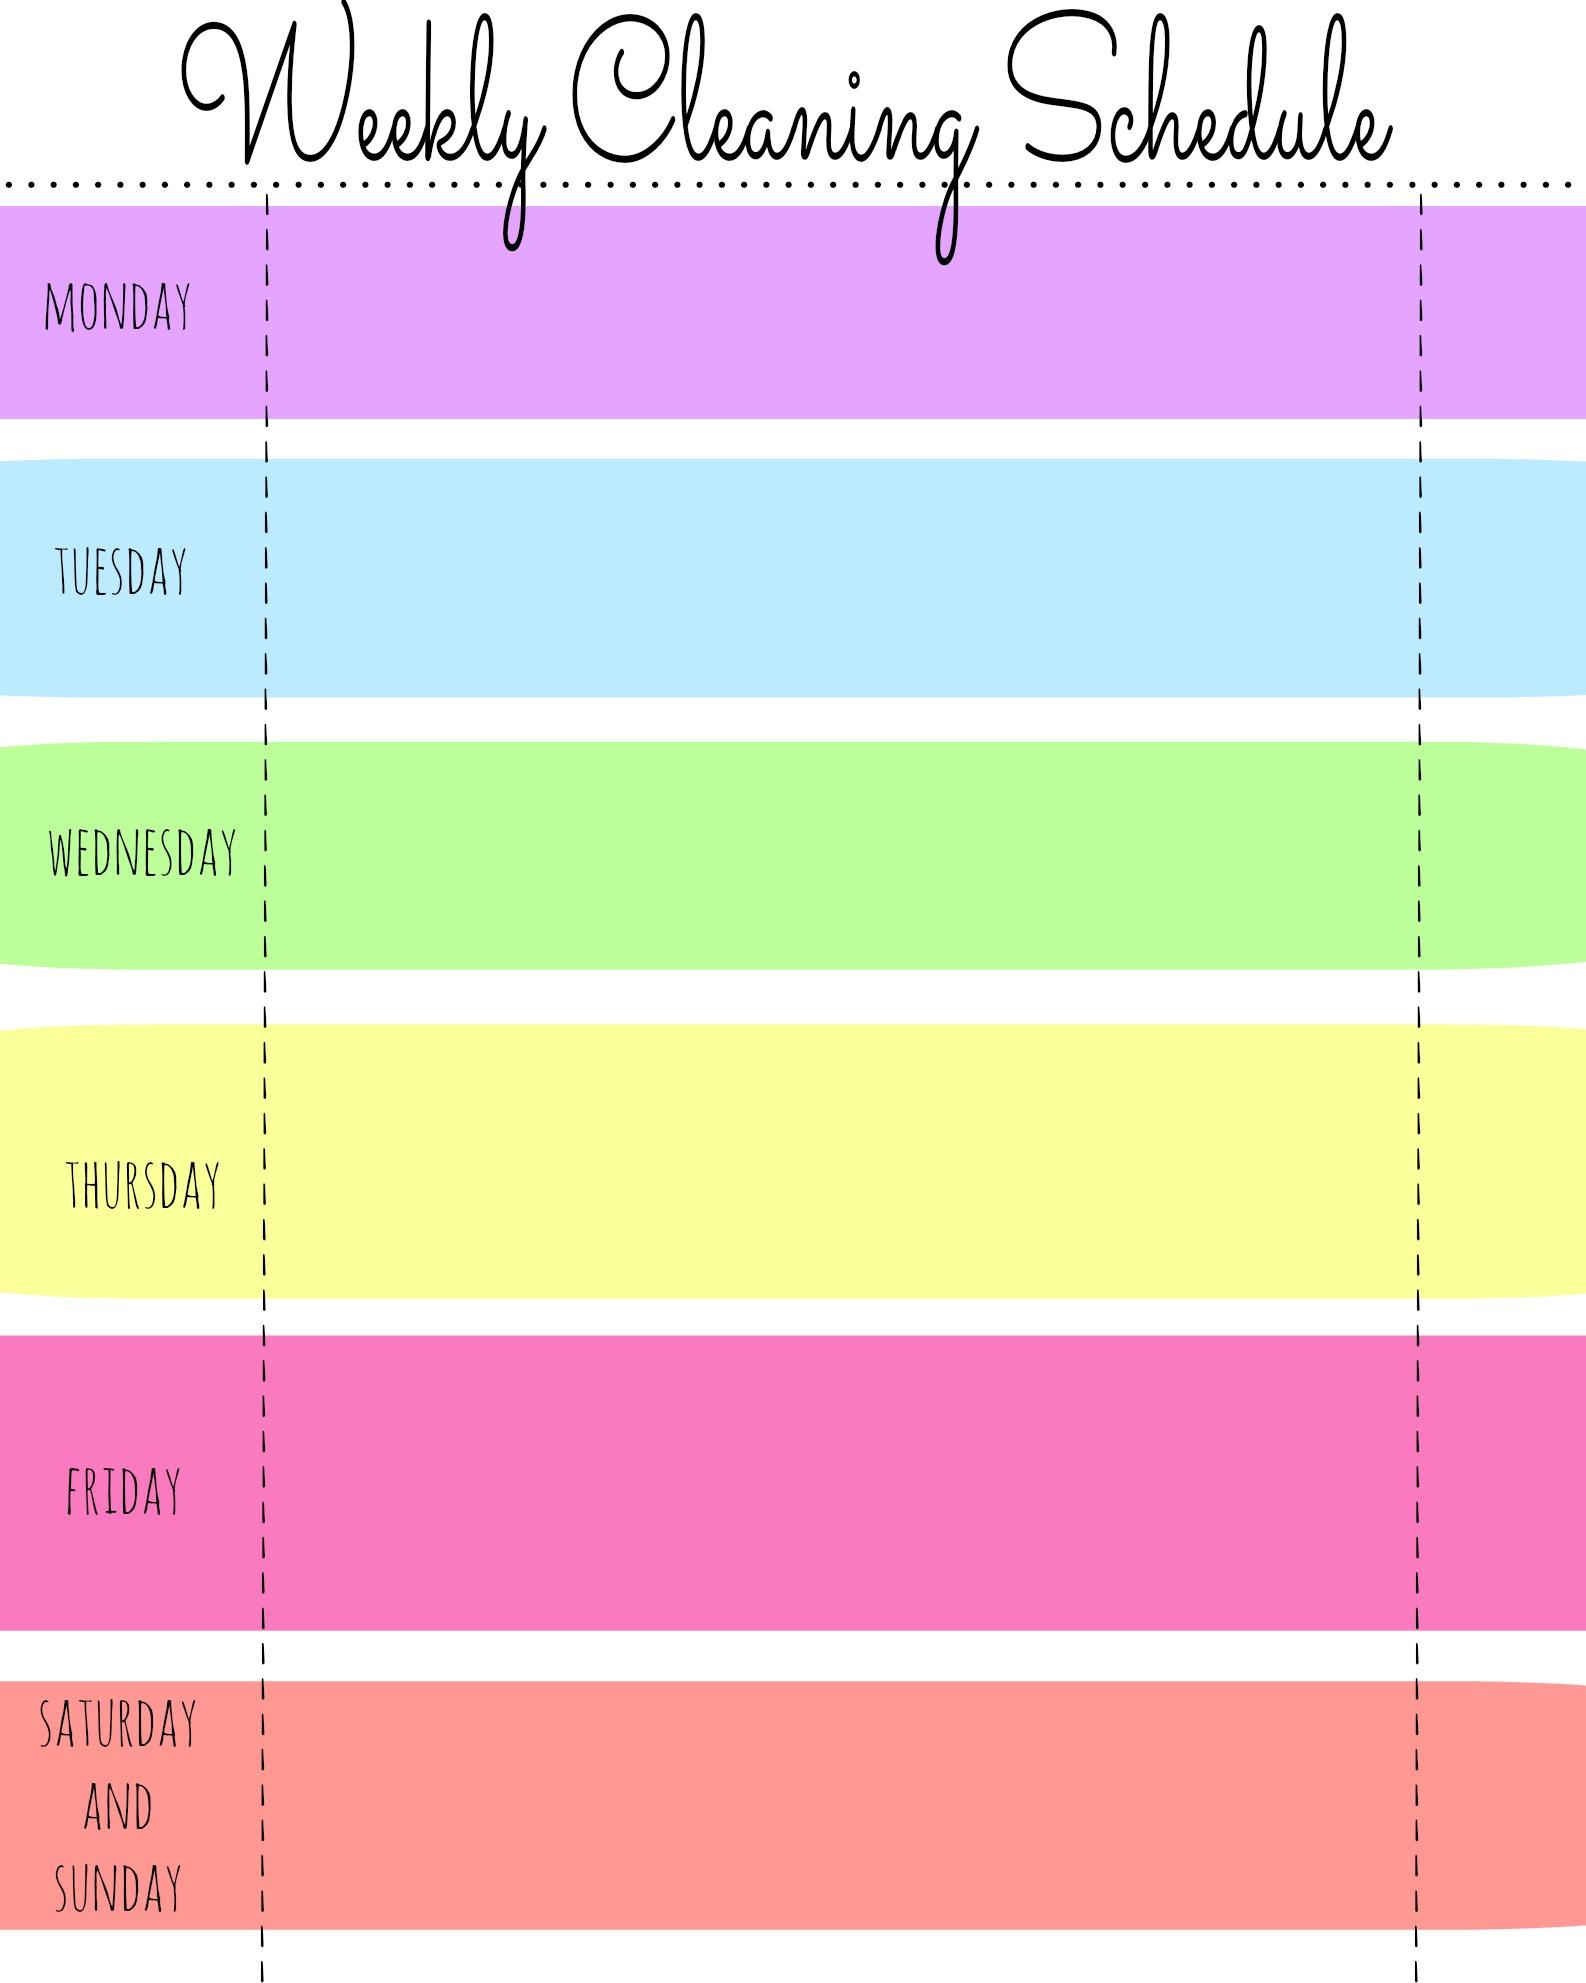 Free Printable Blank Weekly Cleaning Schedule